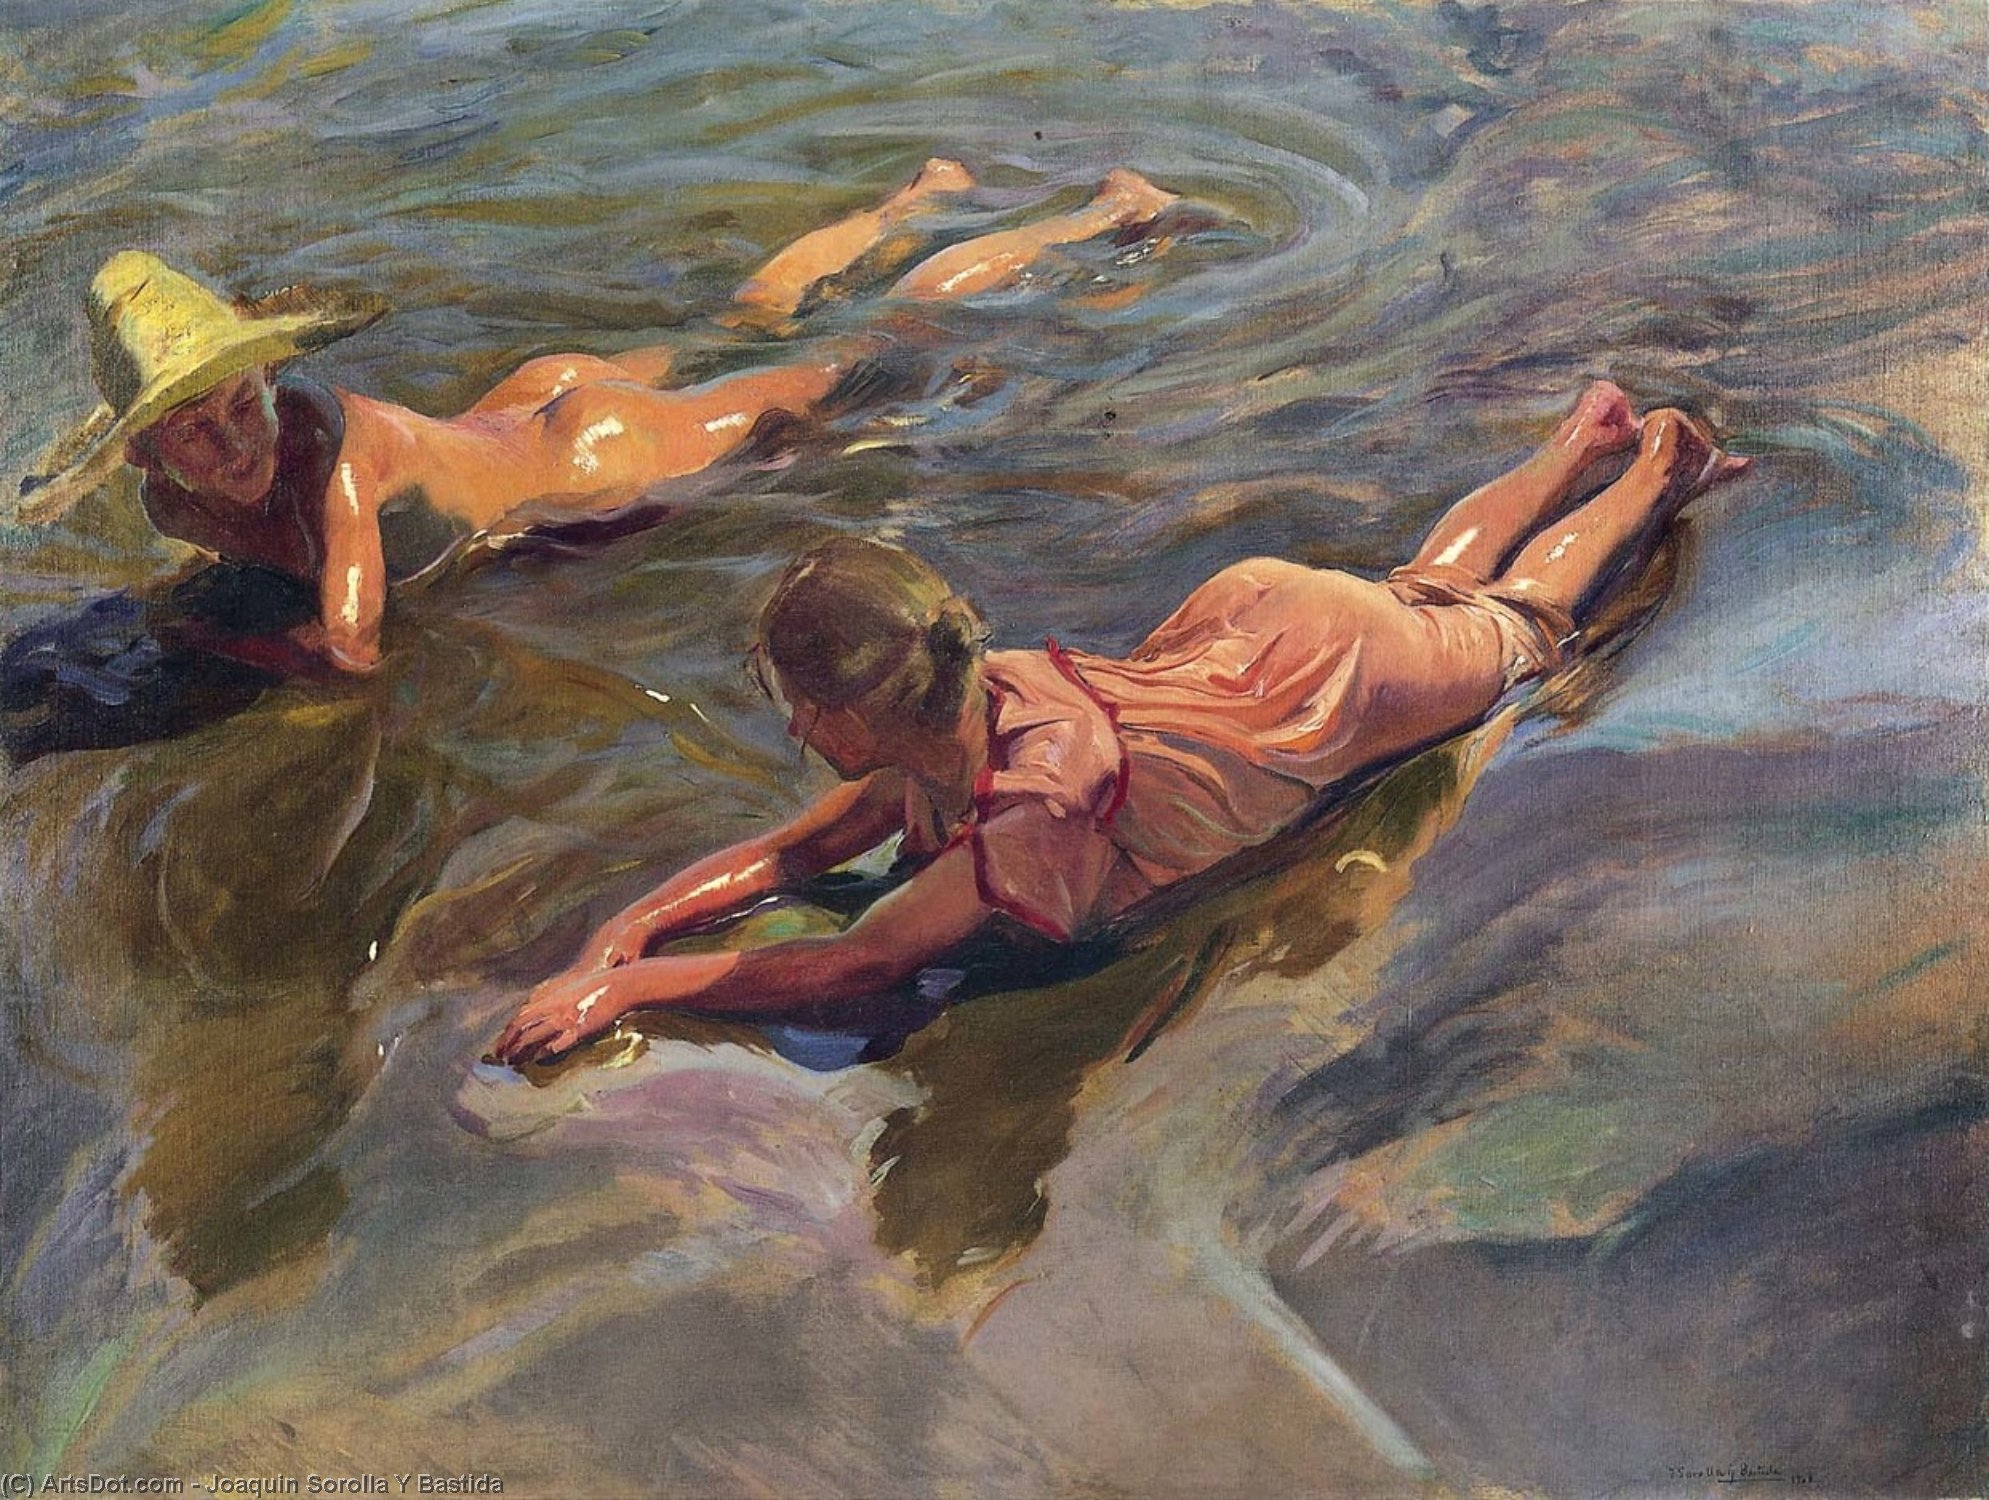 Dipingere il mare. La poesia dell'acqua nelle tele di Sorolla e Guccione, in Art Night su Rai5